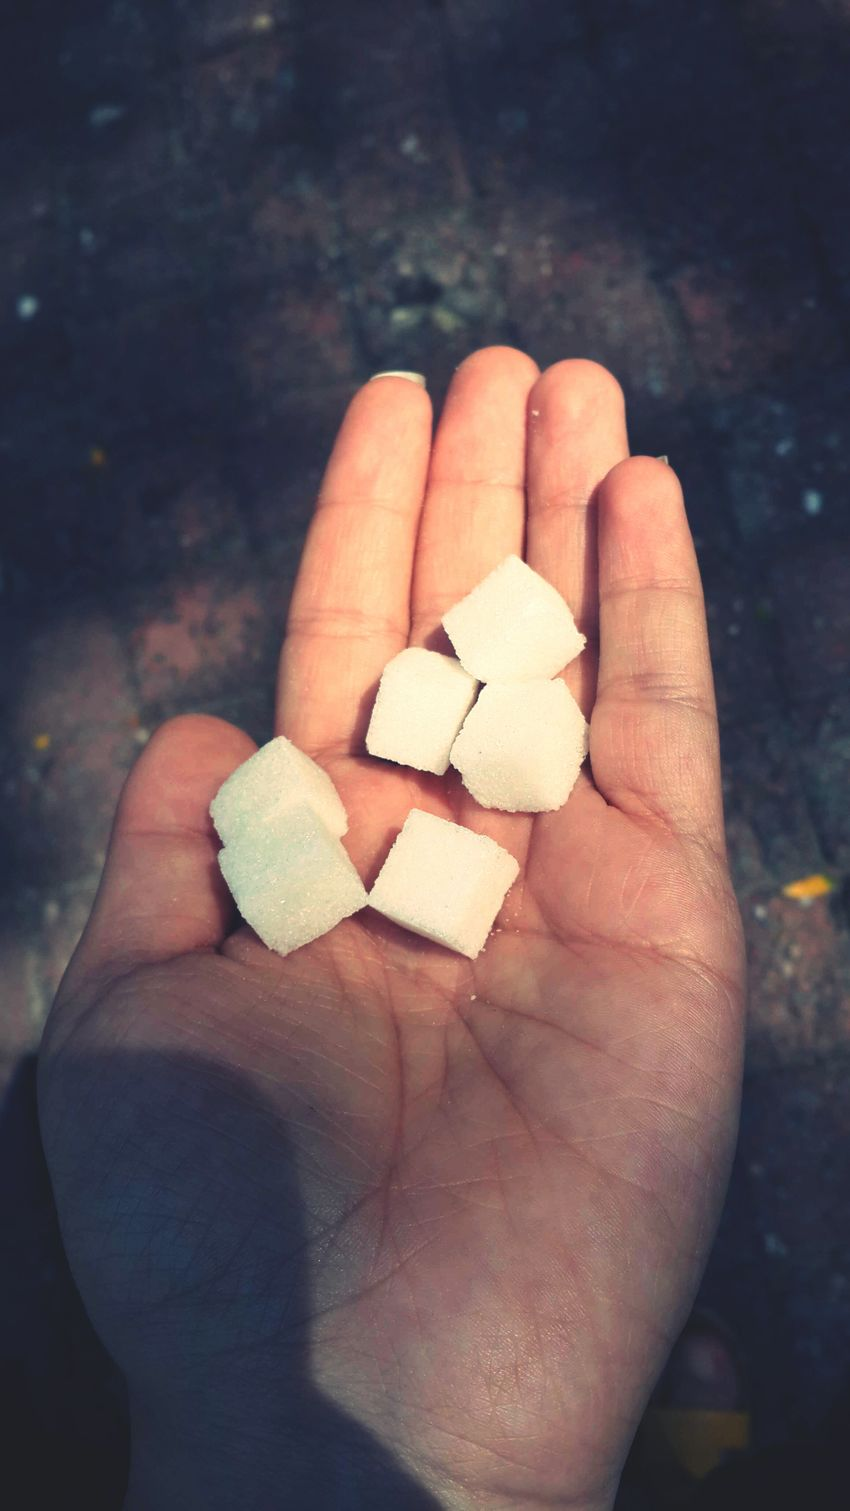 Kızçemmm 😇 şeker